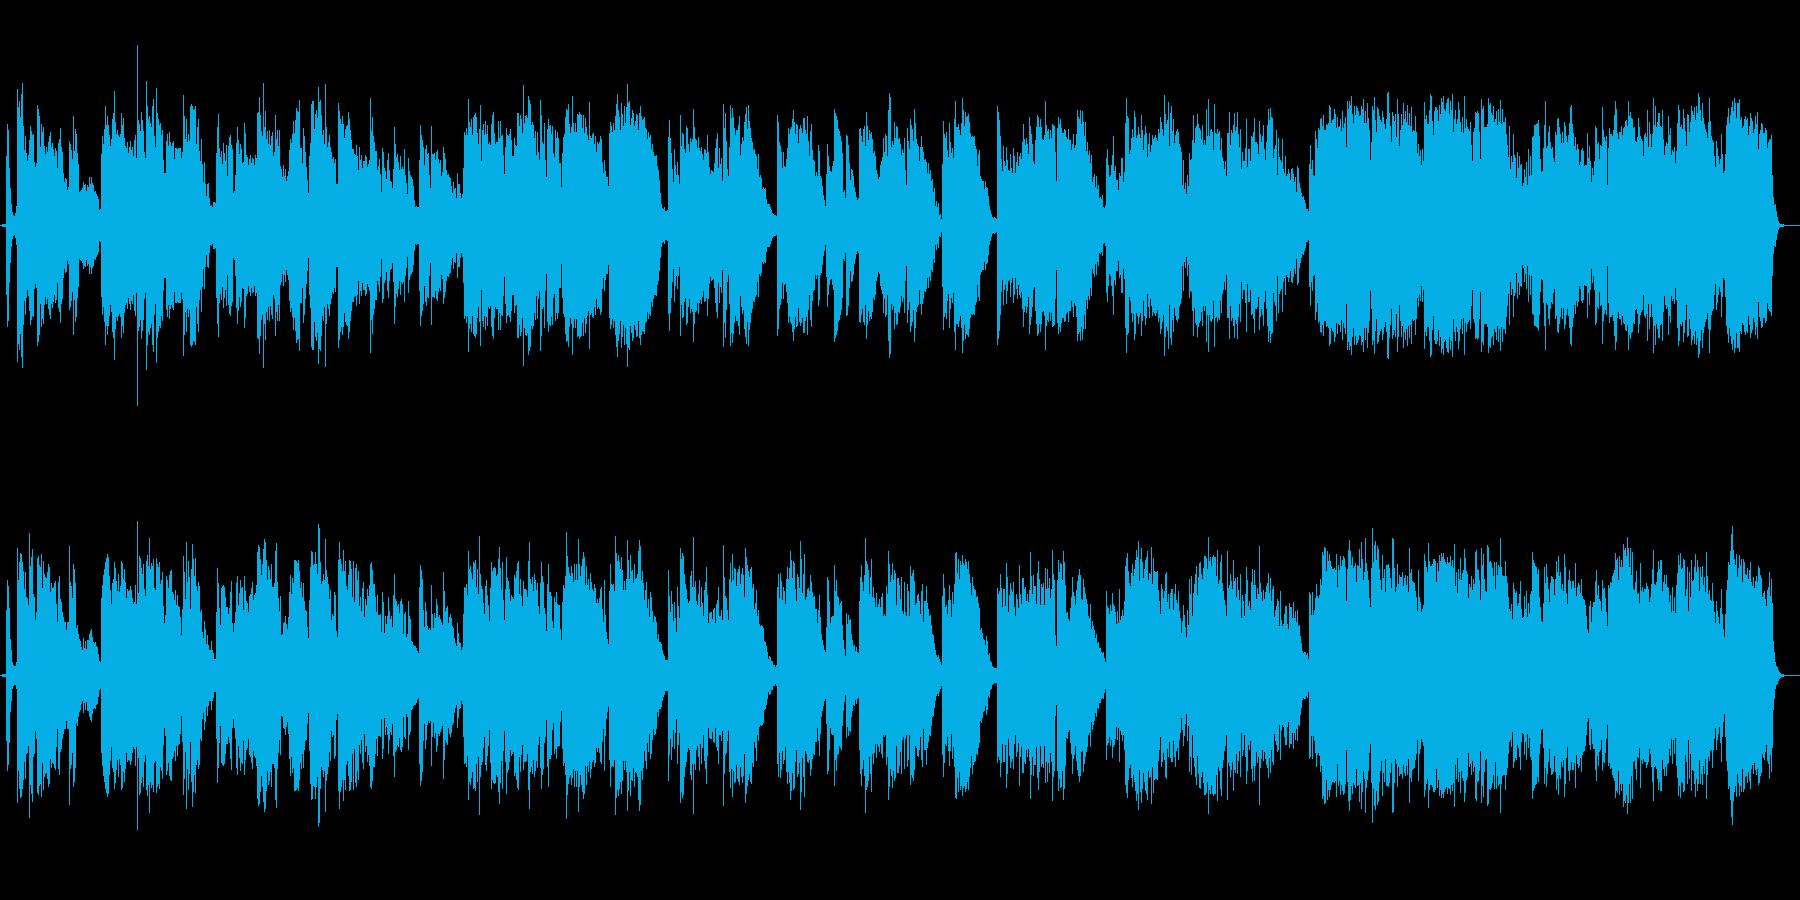 尺八とピアノの荘厳な楽曲の再生済みの波形